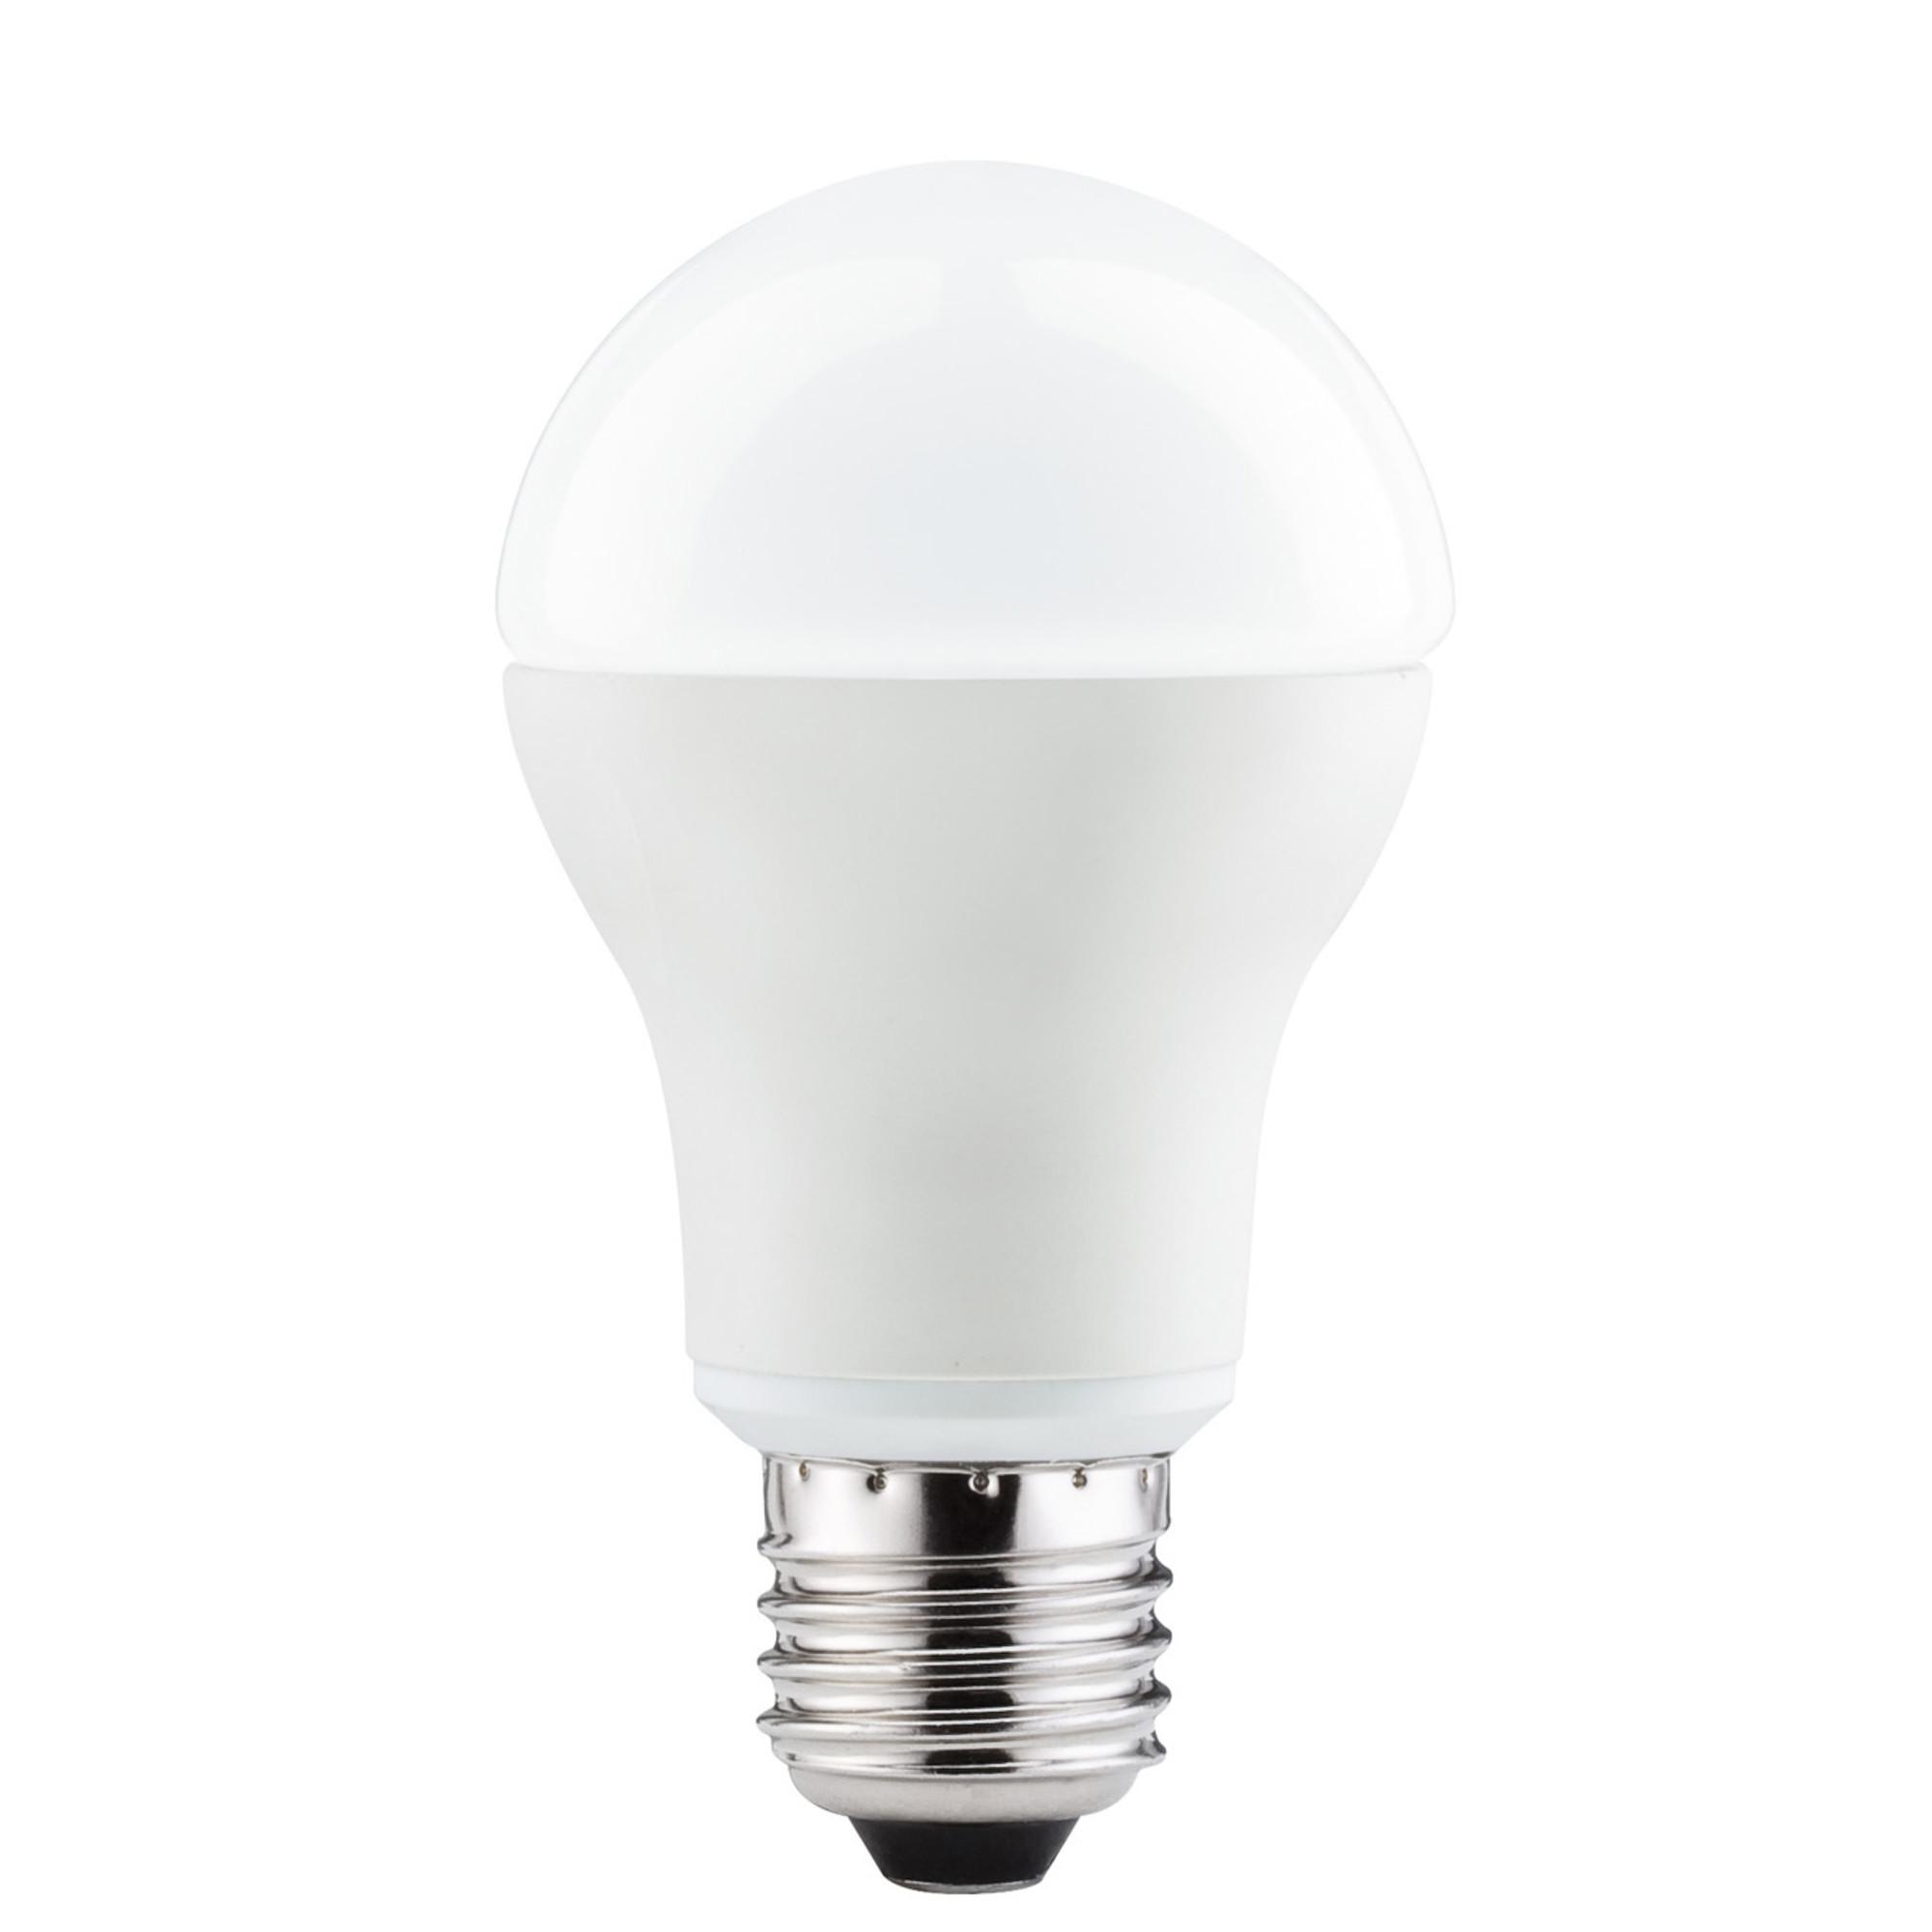 Лампа светодиодная Paulmann 28245 E27 806 Лм холодный свет